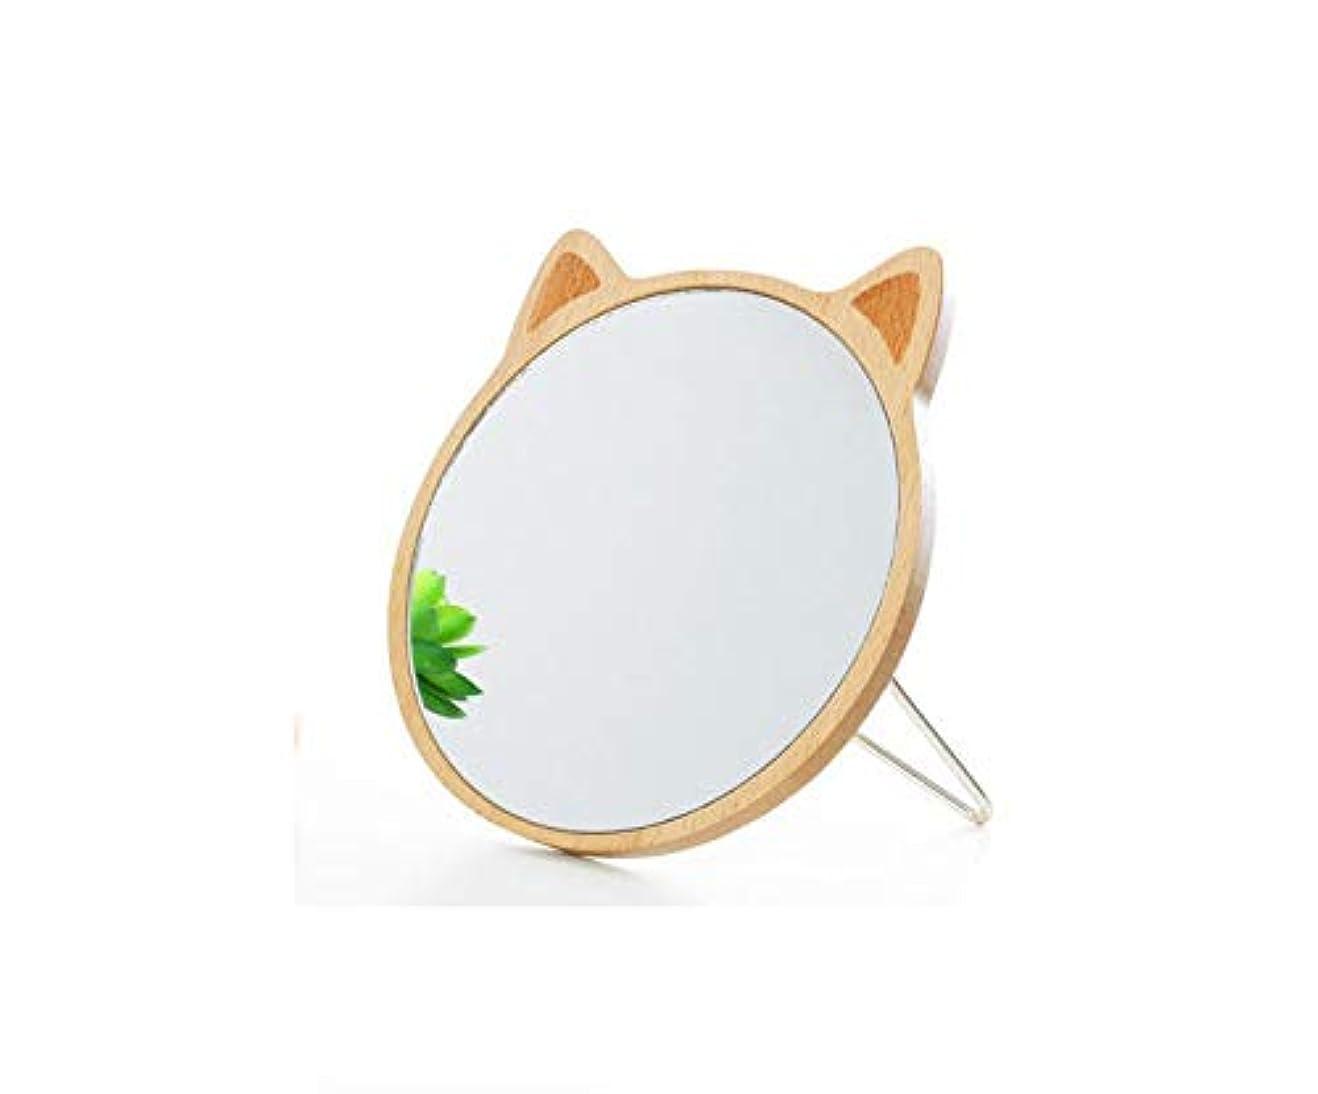 良心的吸収する排除する化粧鏡、かわいい丸い猫の耳木製化粧鏡化粧ギフト